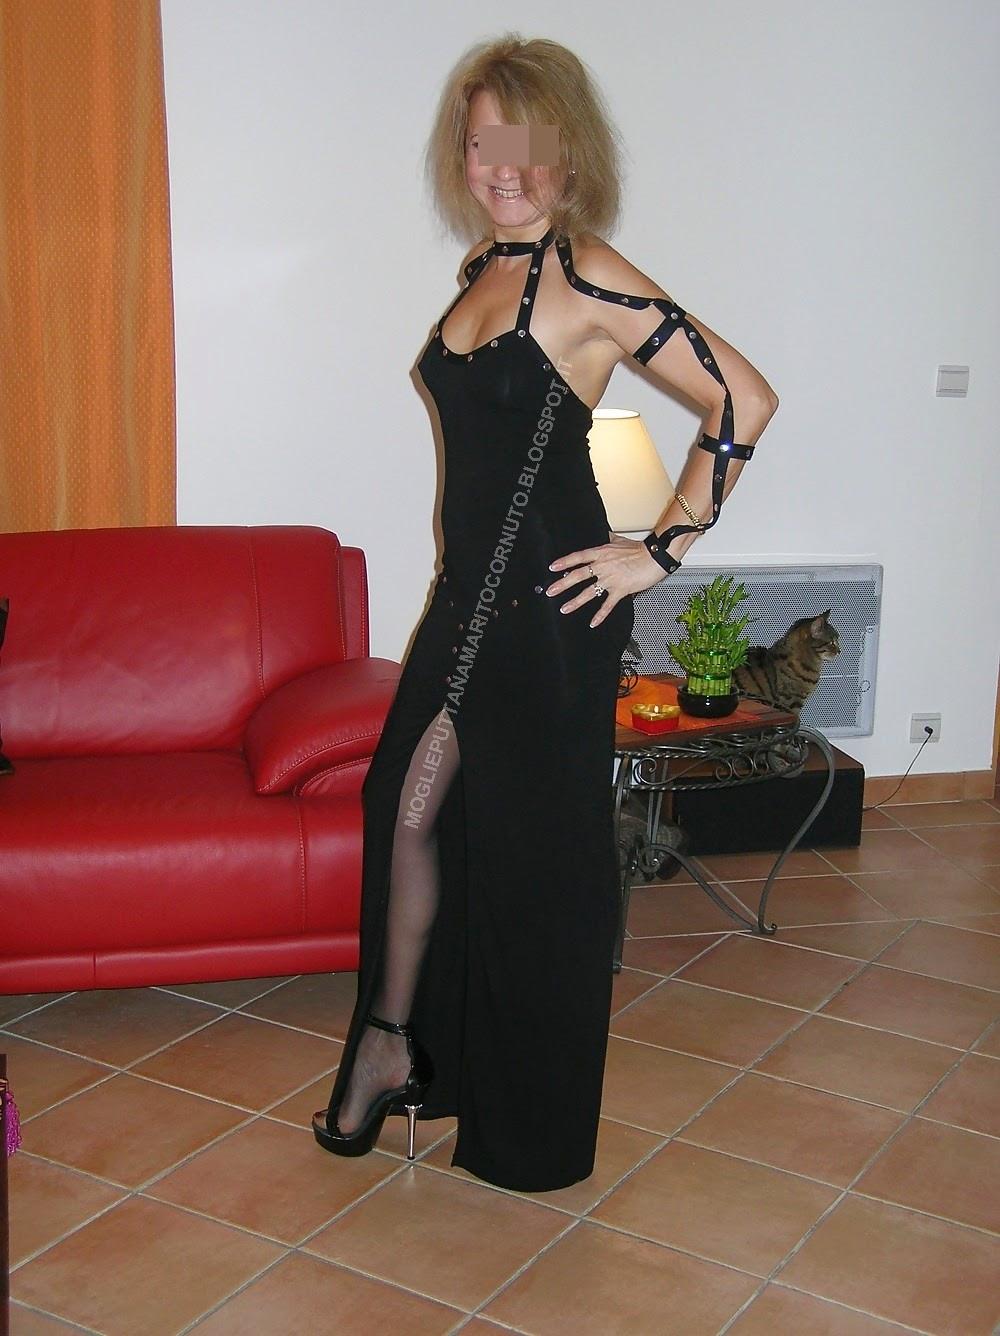 sesso piacevole zoccole roma